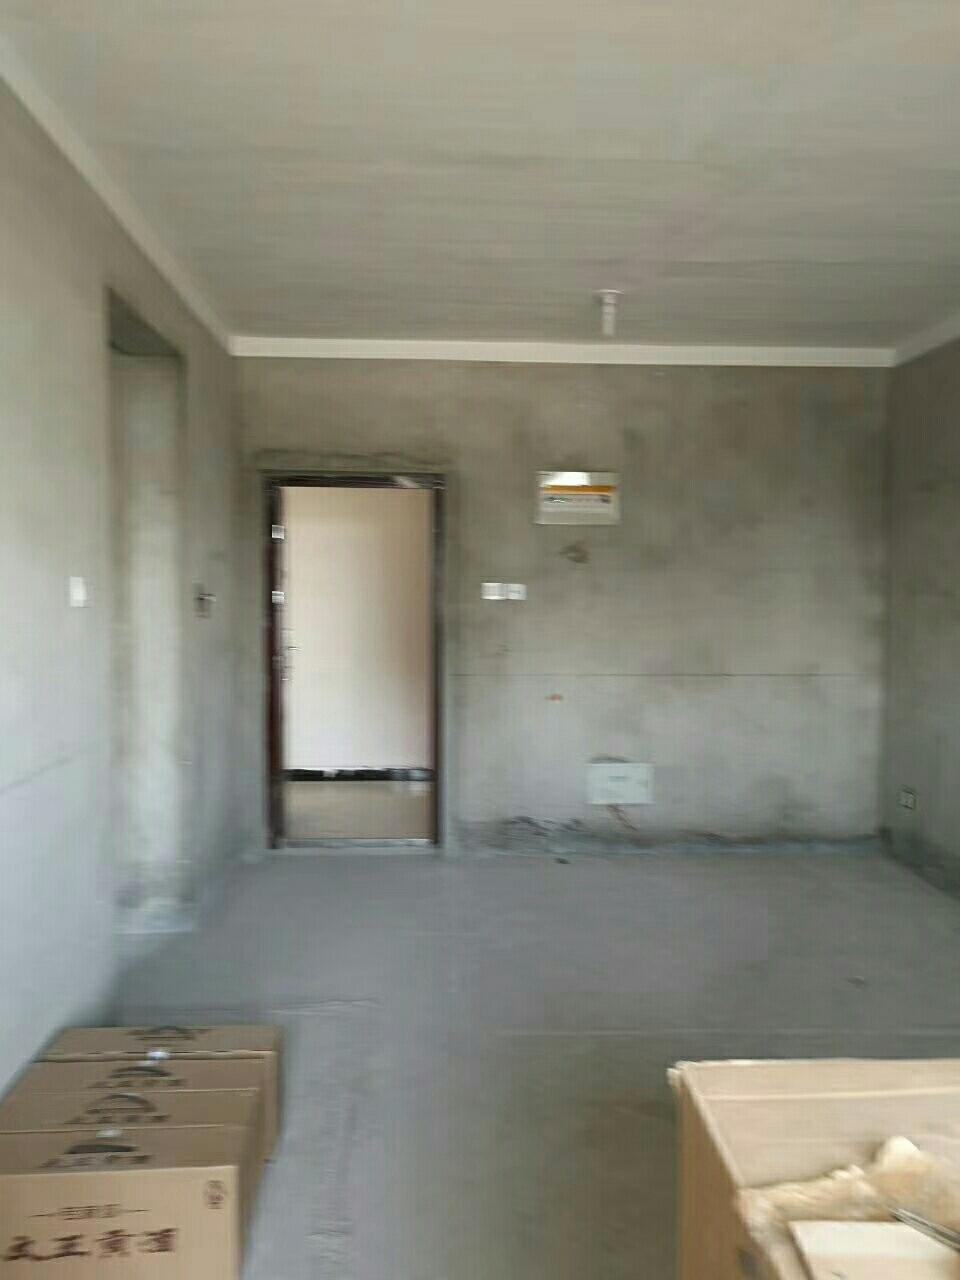 紫薇苑3室1厅1卫54万元学区房交通方便